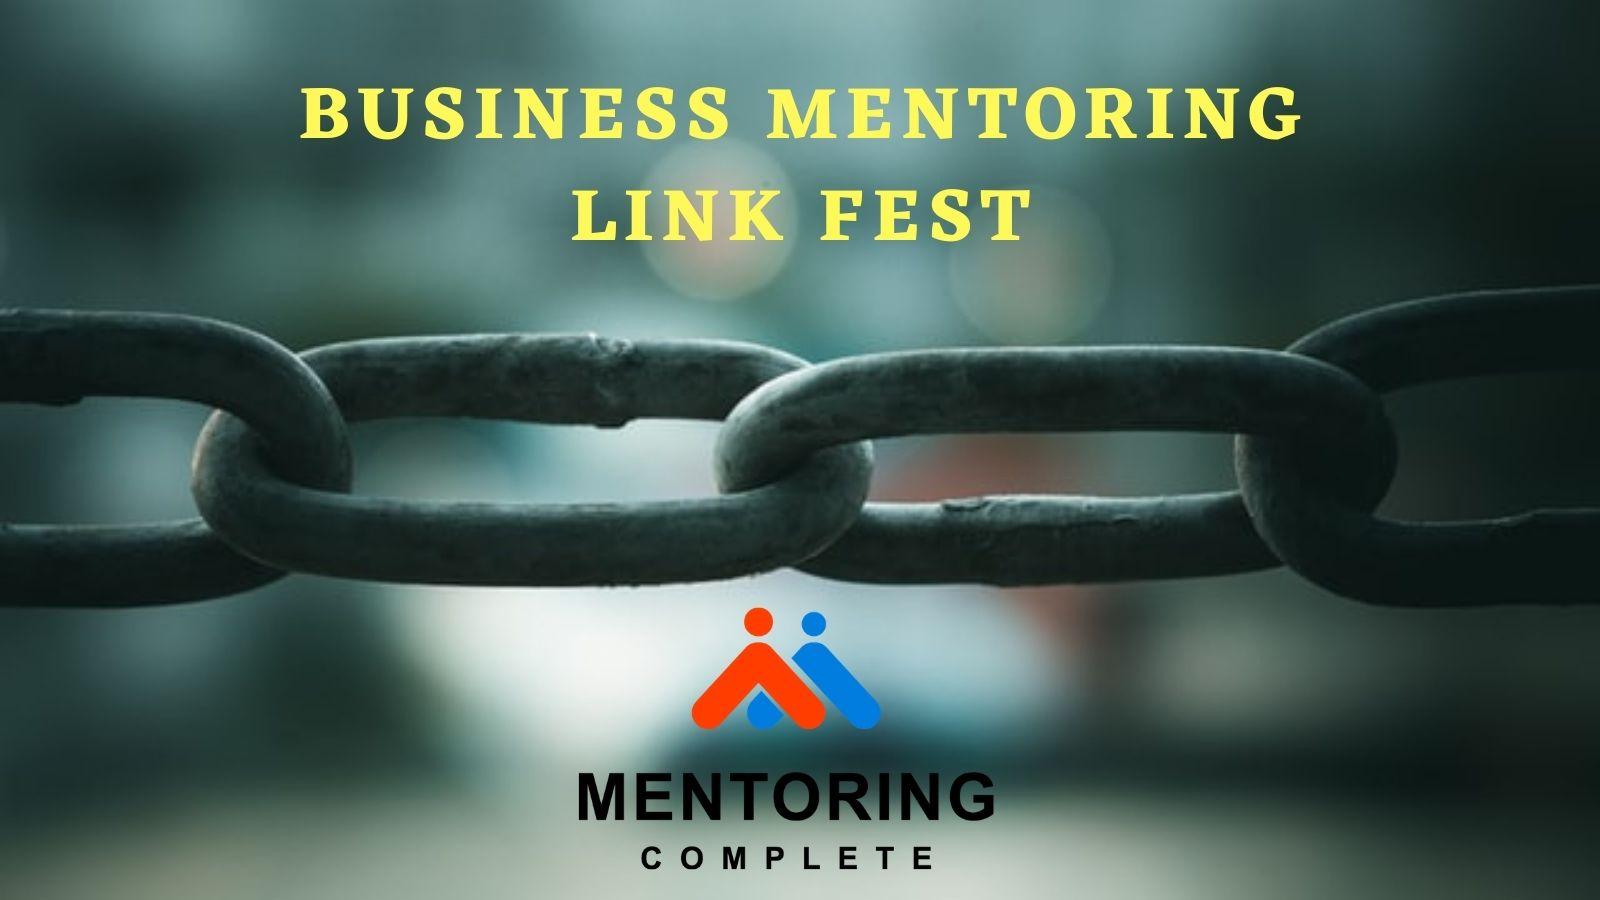 Business Mentoring Link Fest